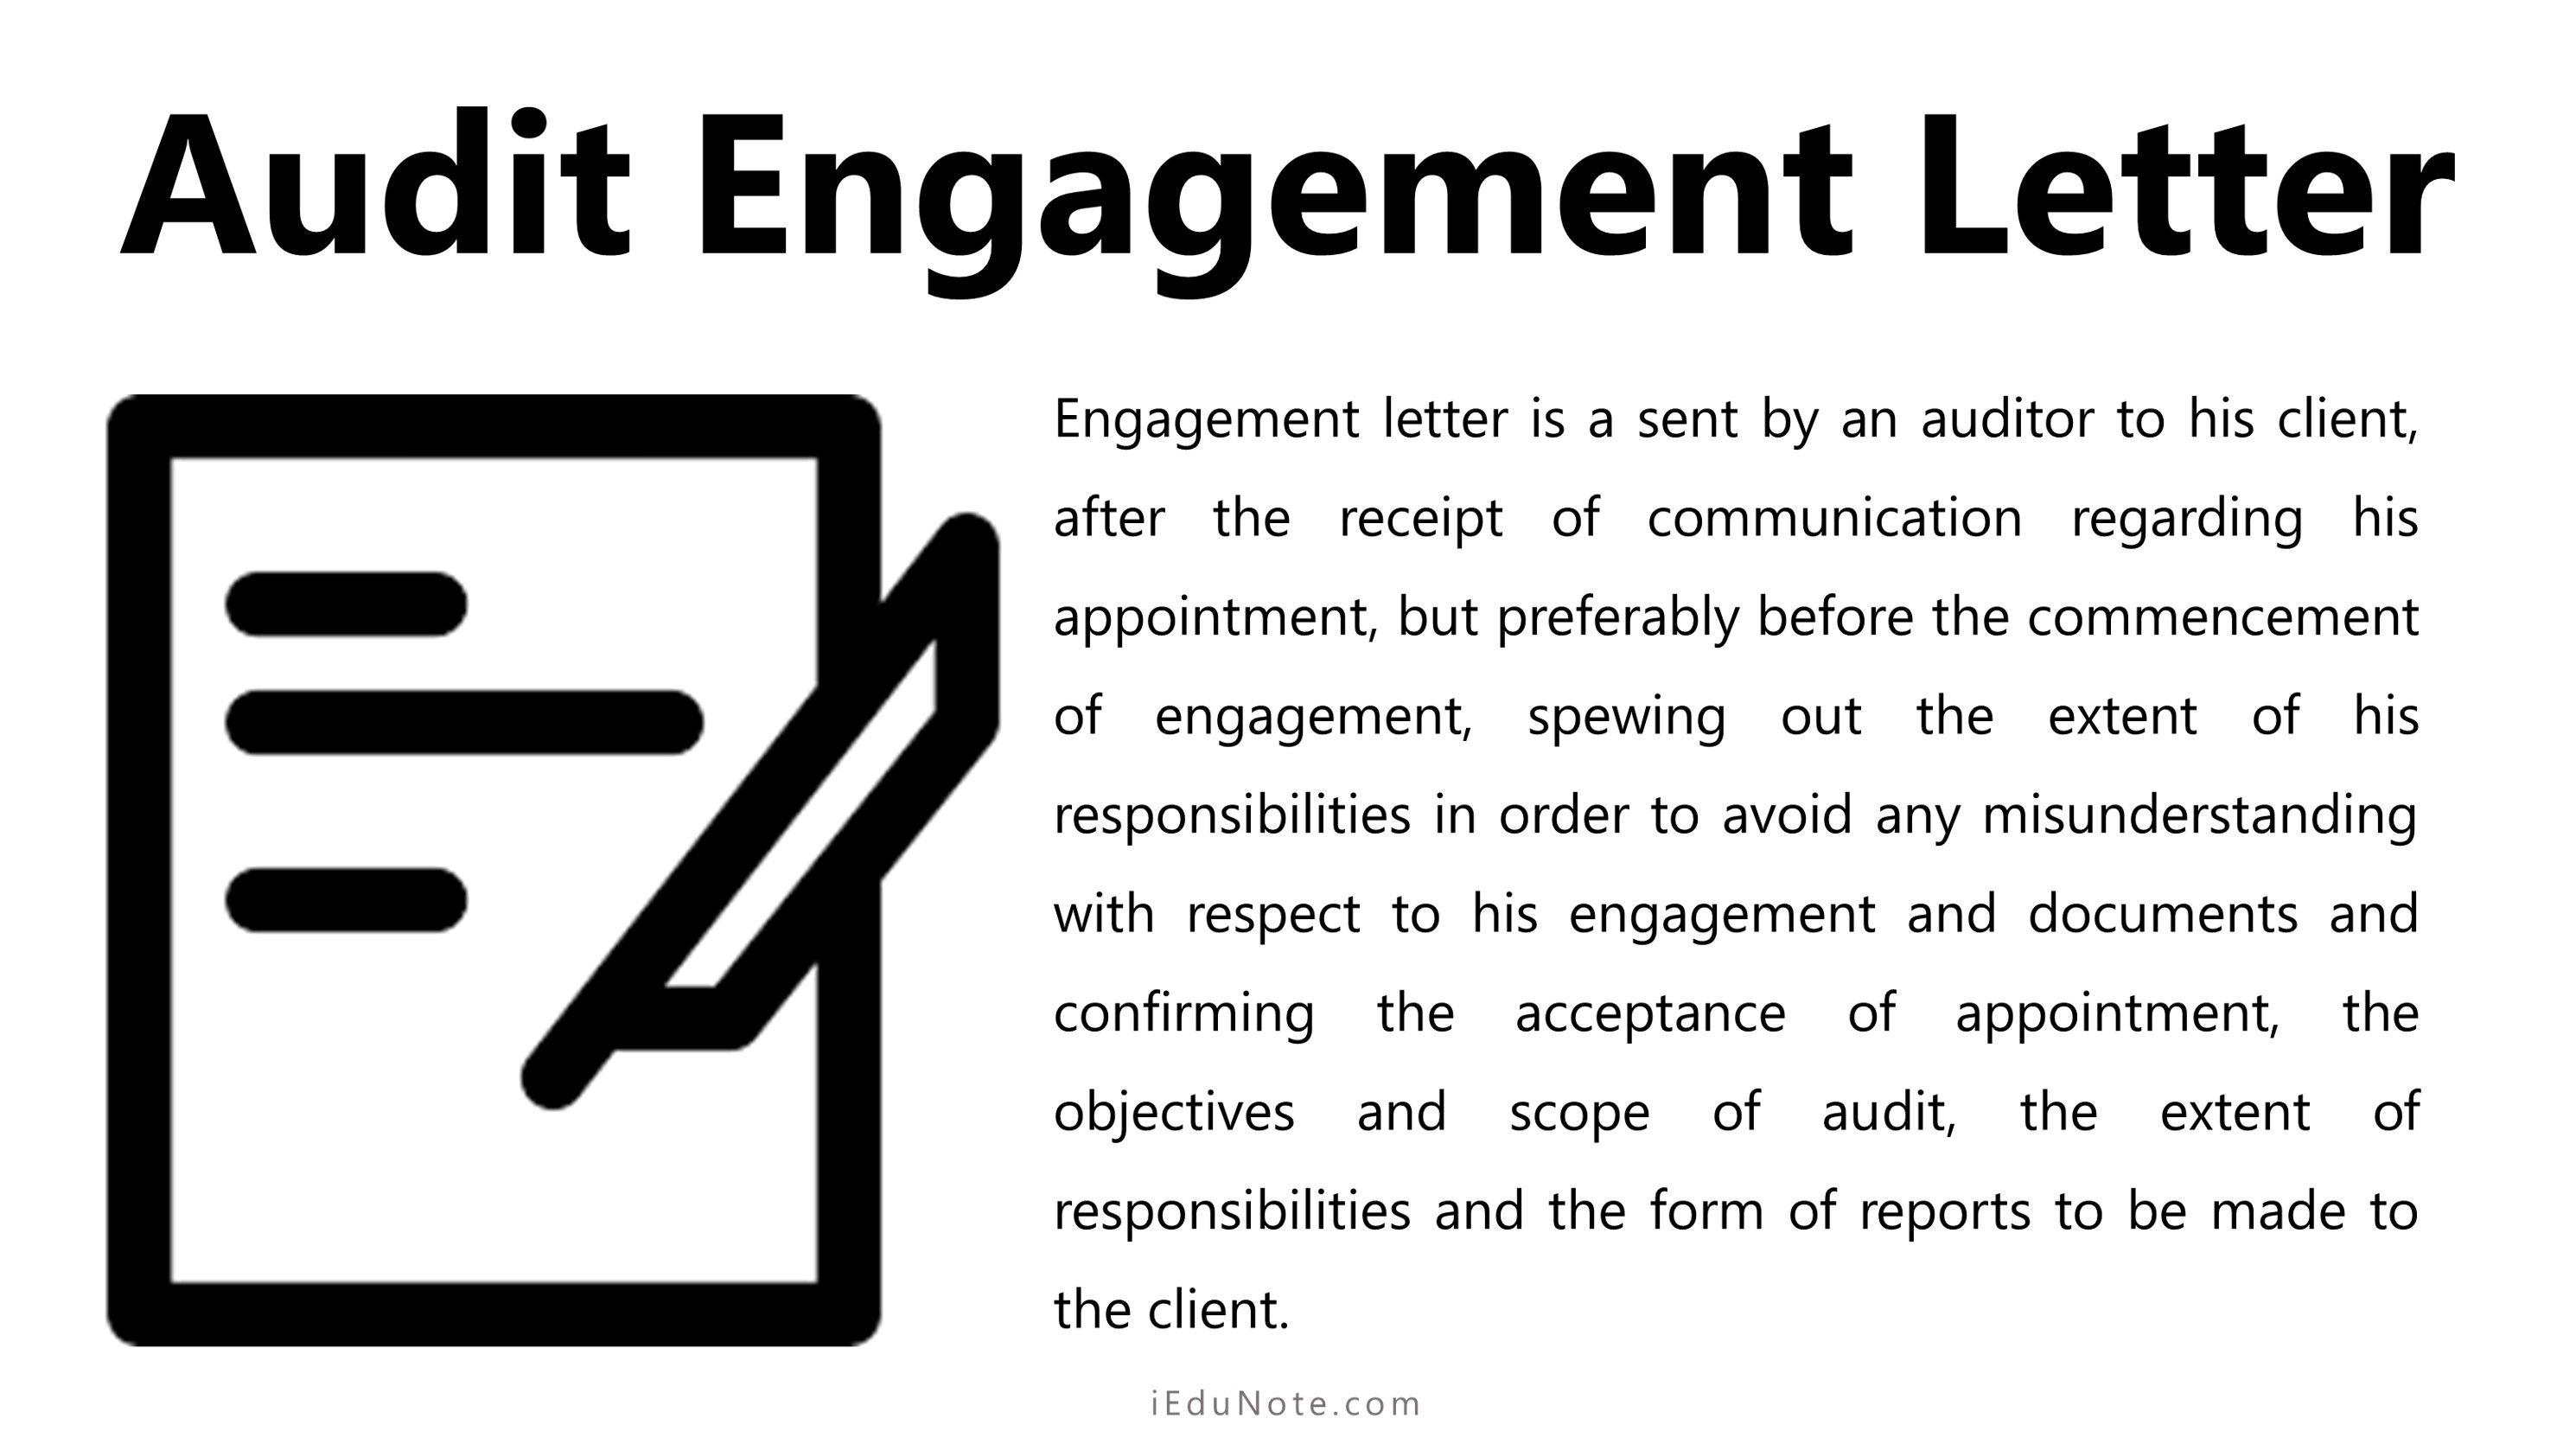 Audit Engagement Letter Engagement Letter Lettering Audit